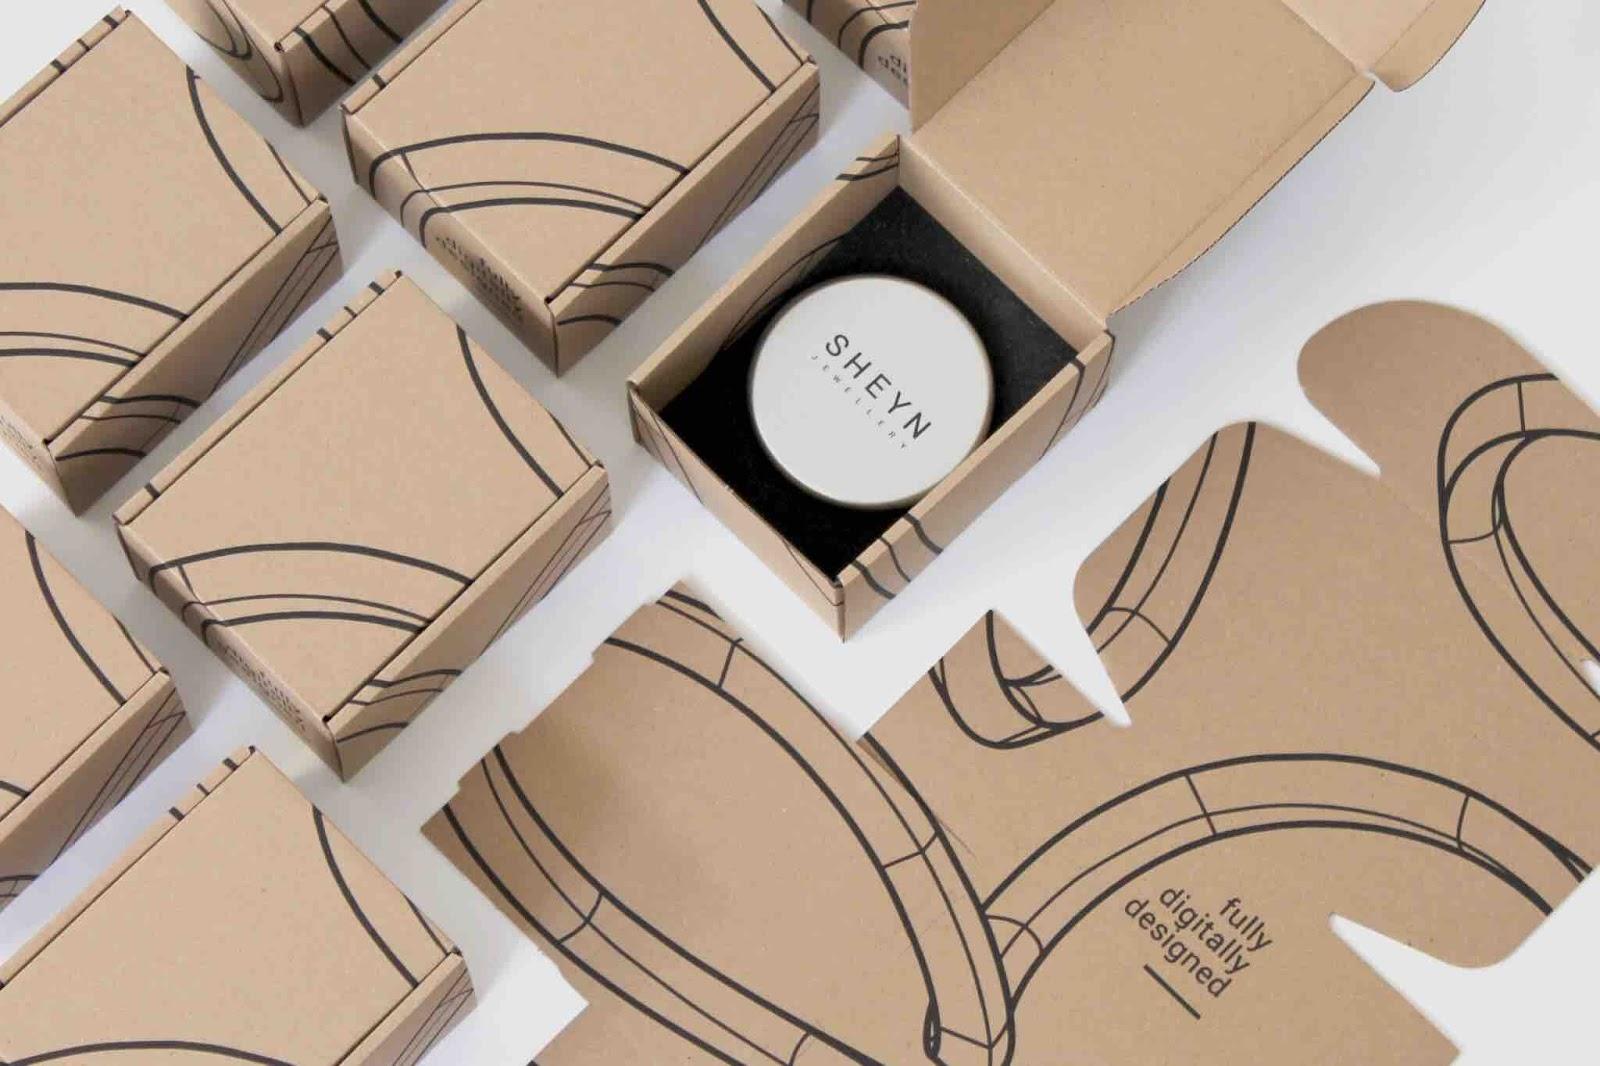 SHEYN packaging